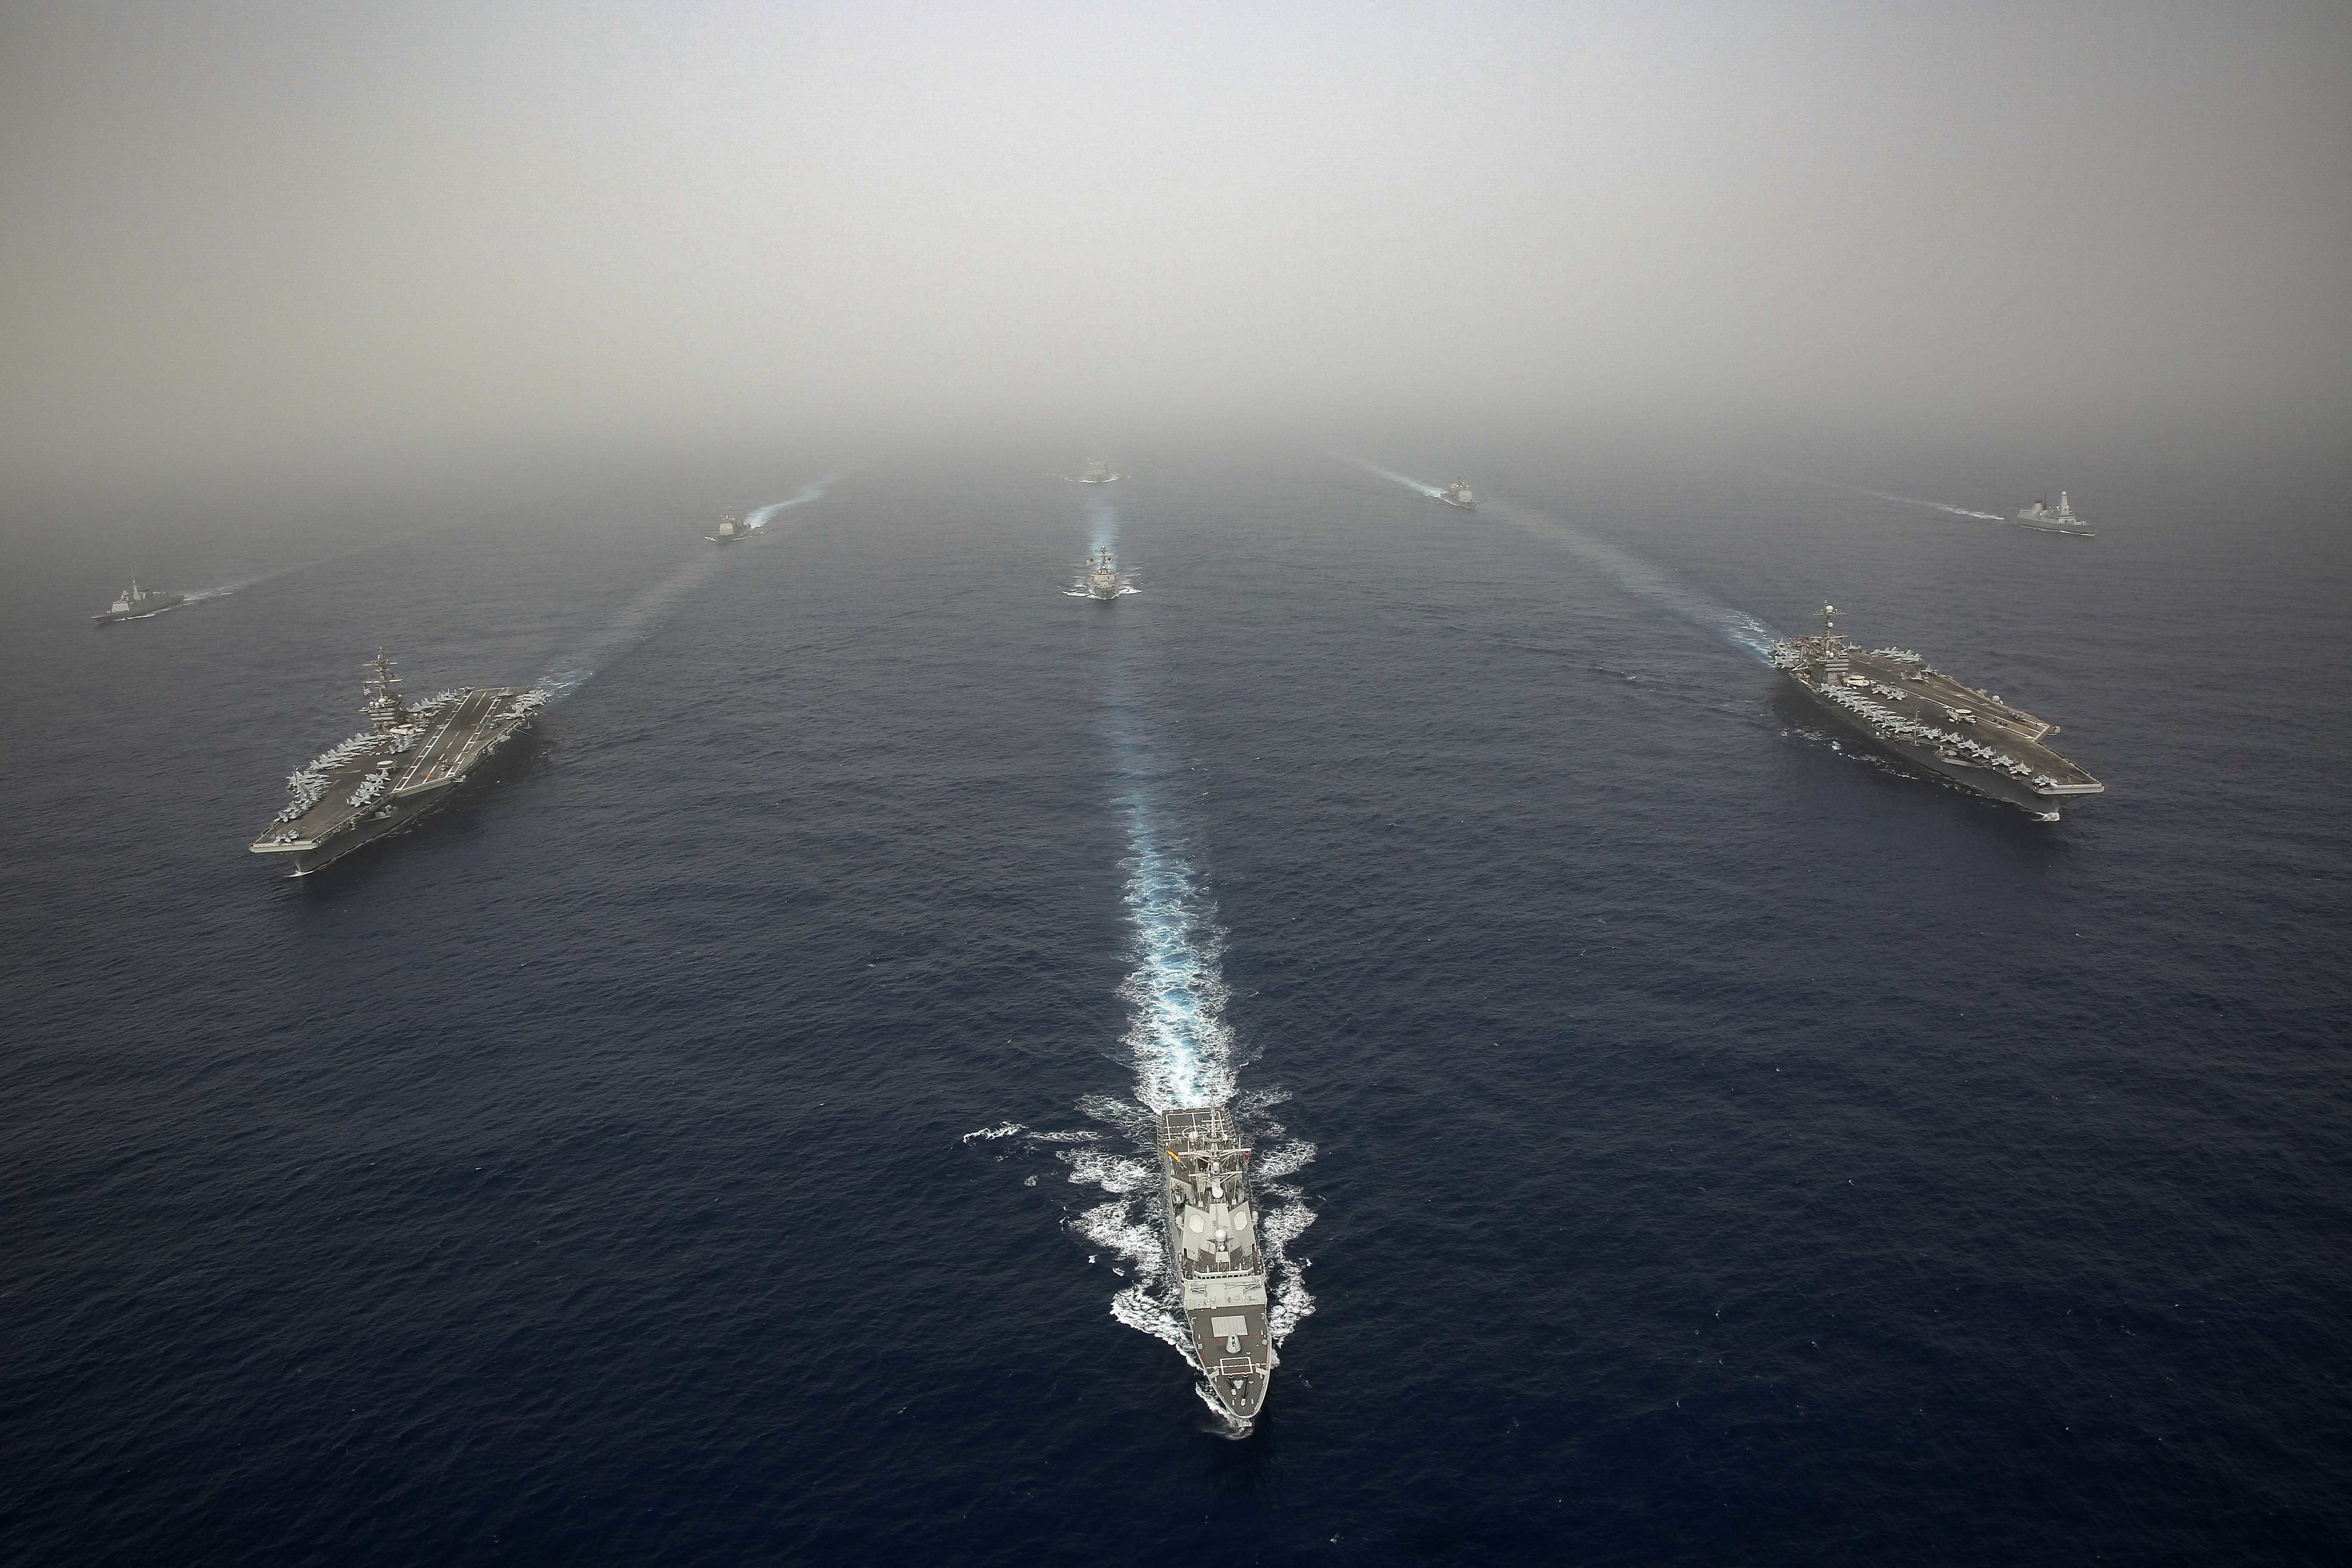 歐美19國將舉行聯合軍演 展示北約軍力